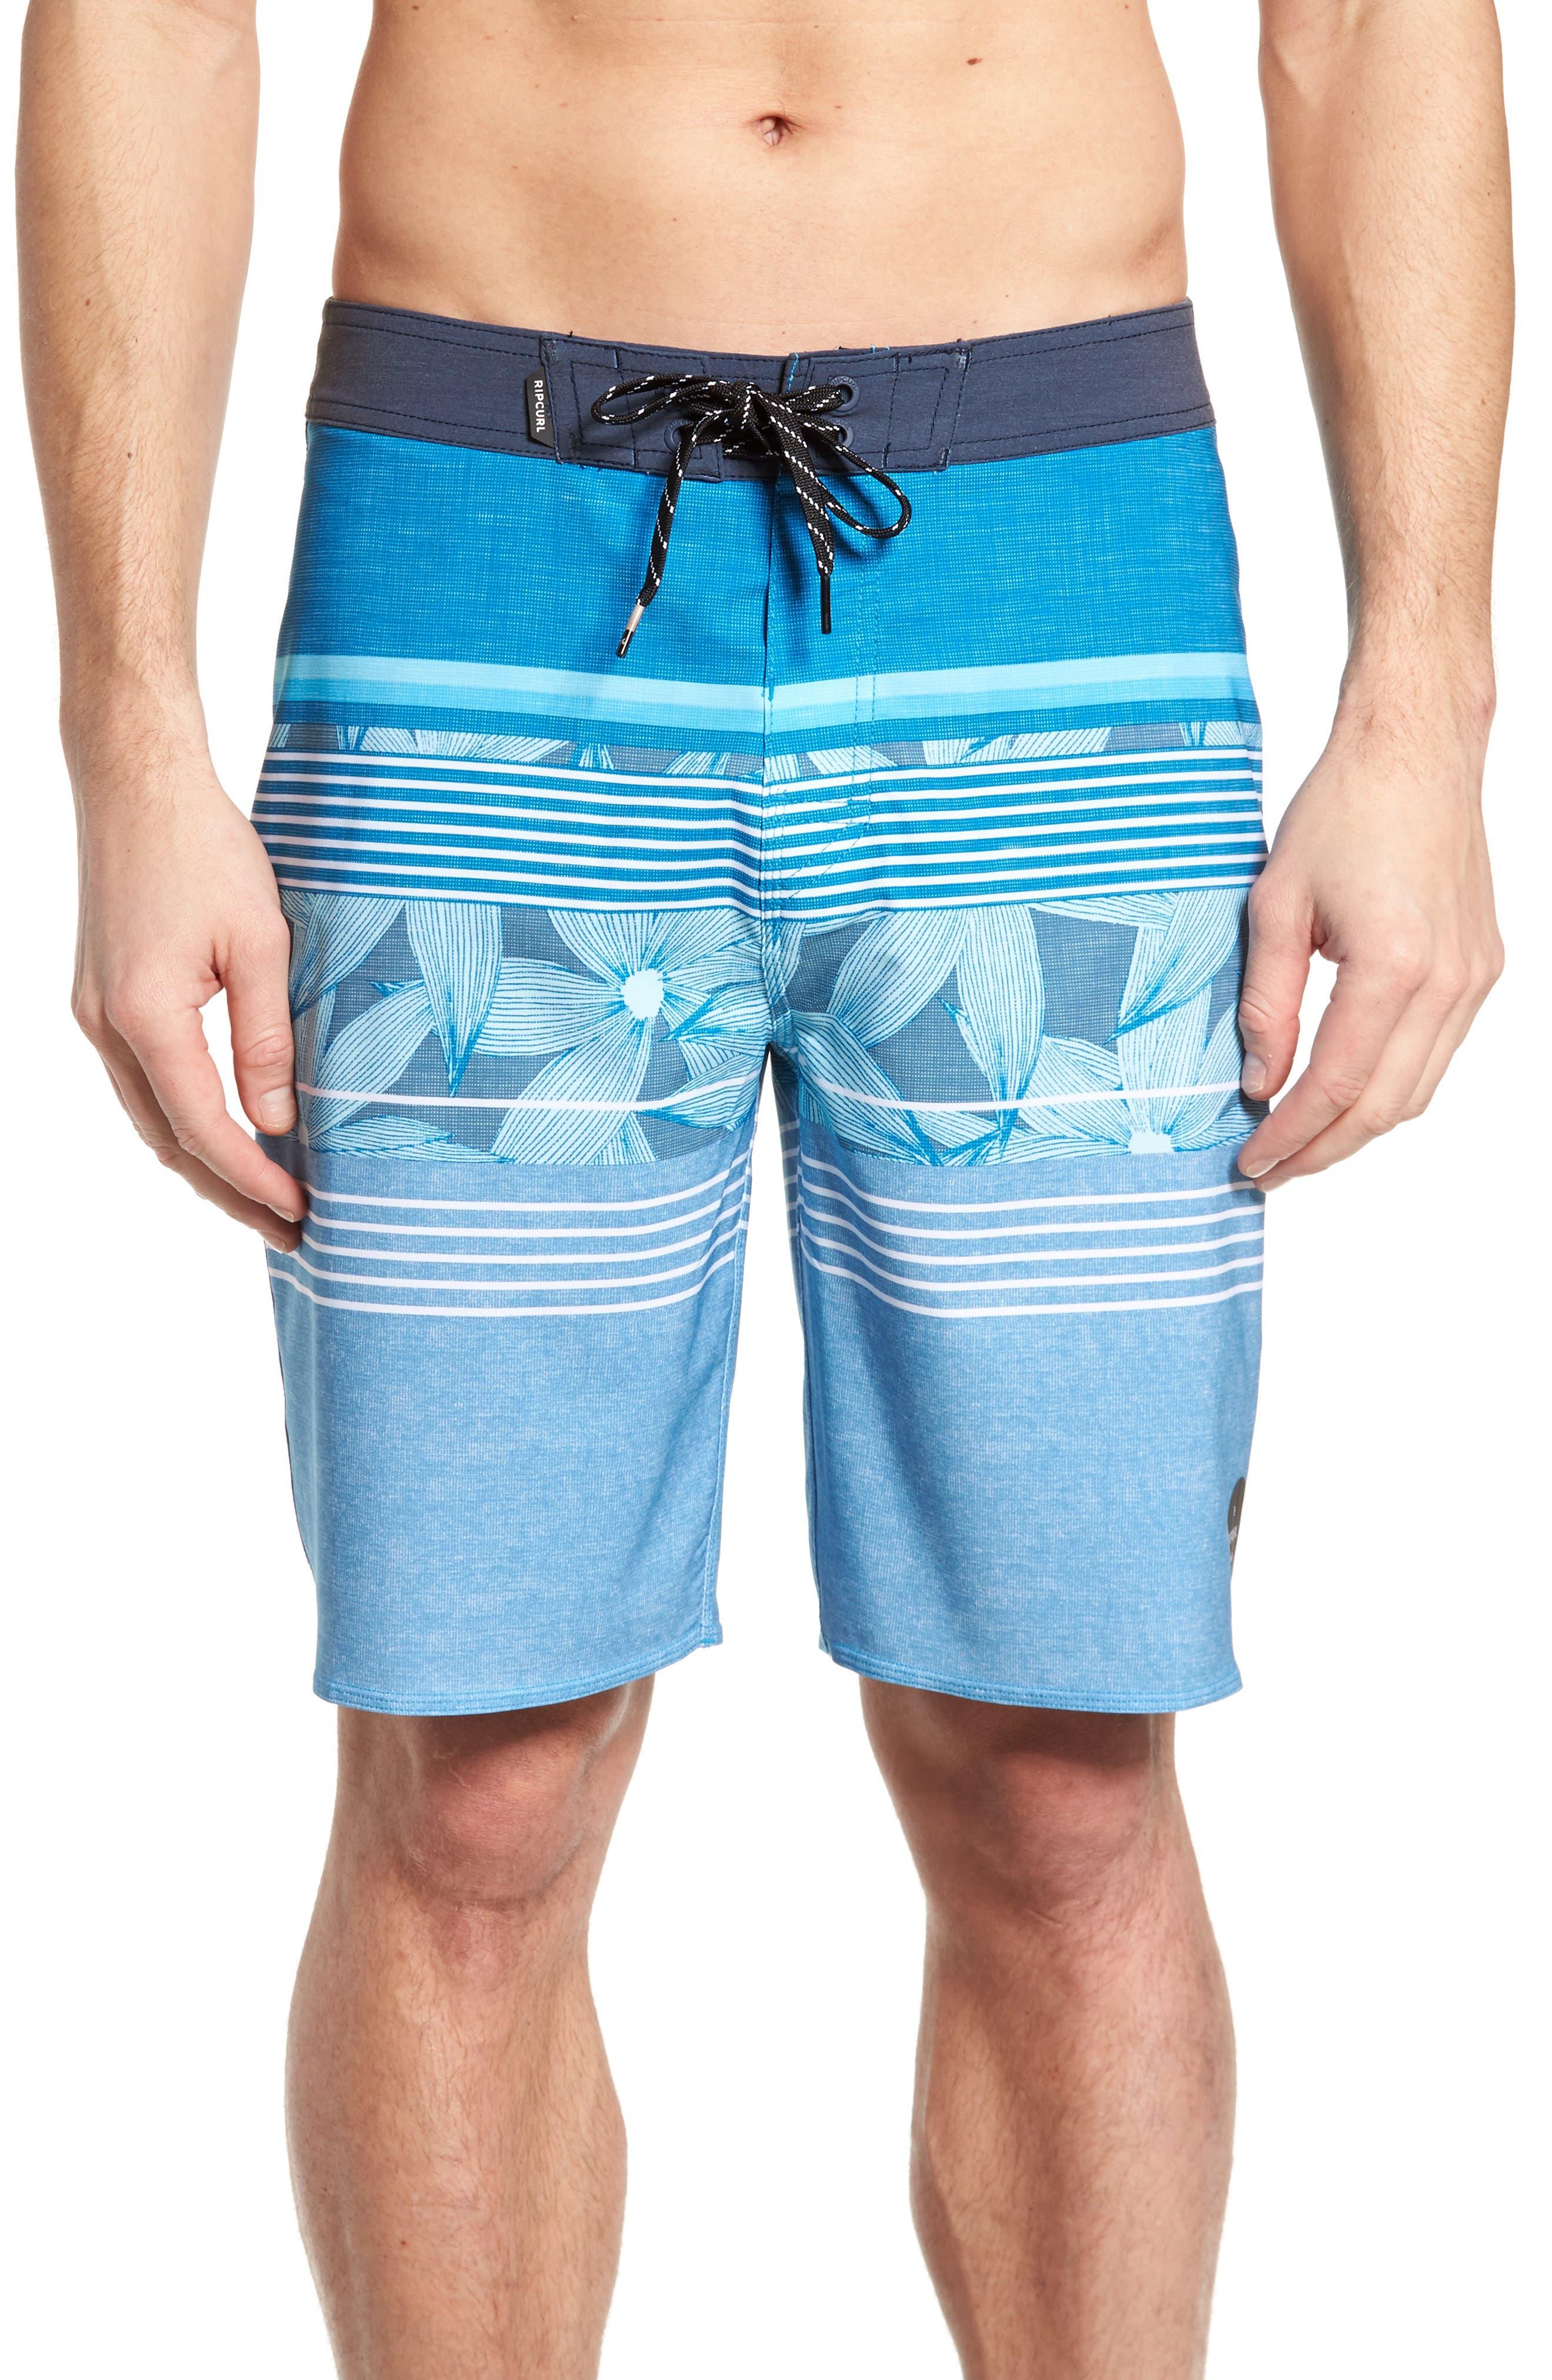 Main Image - Rip Curl Mirage Shake Up Board Shorts